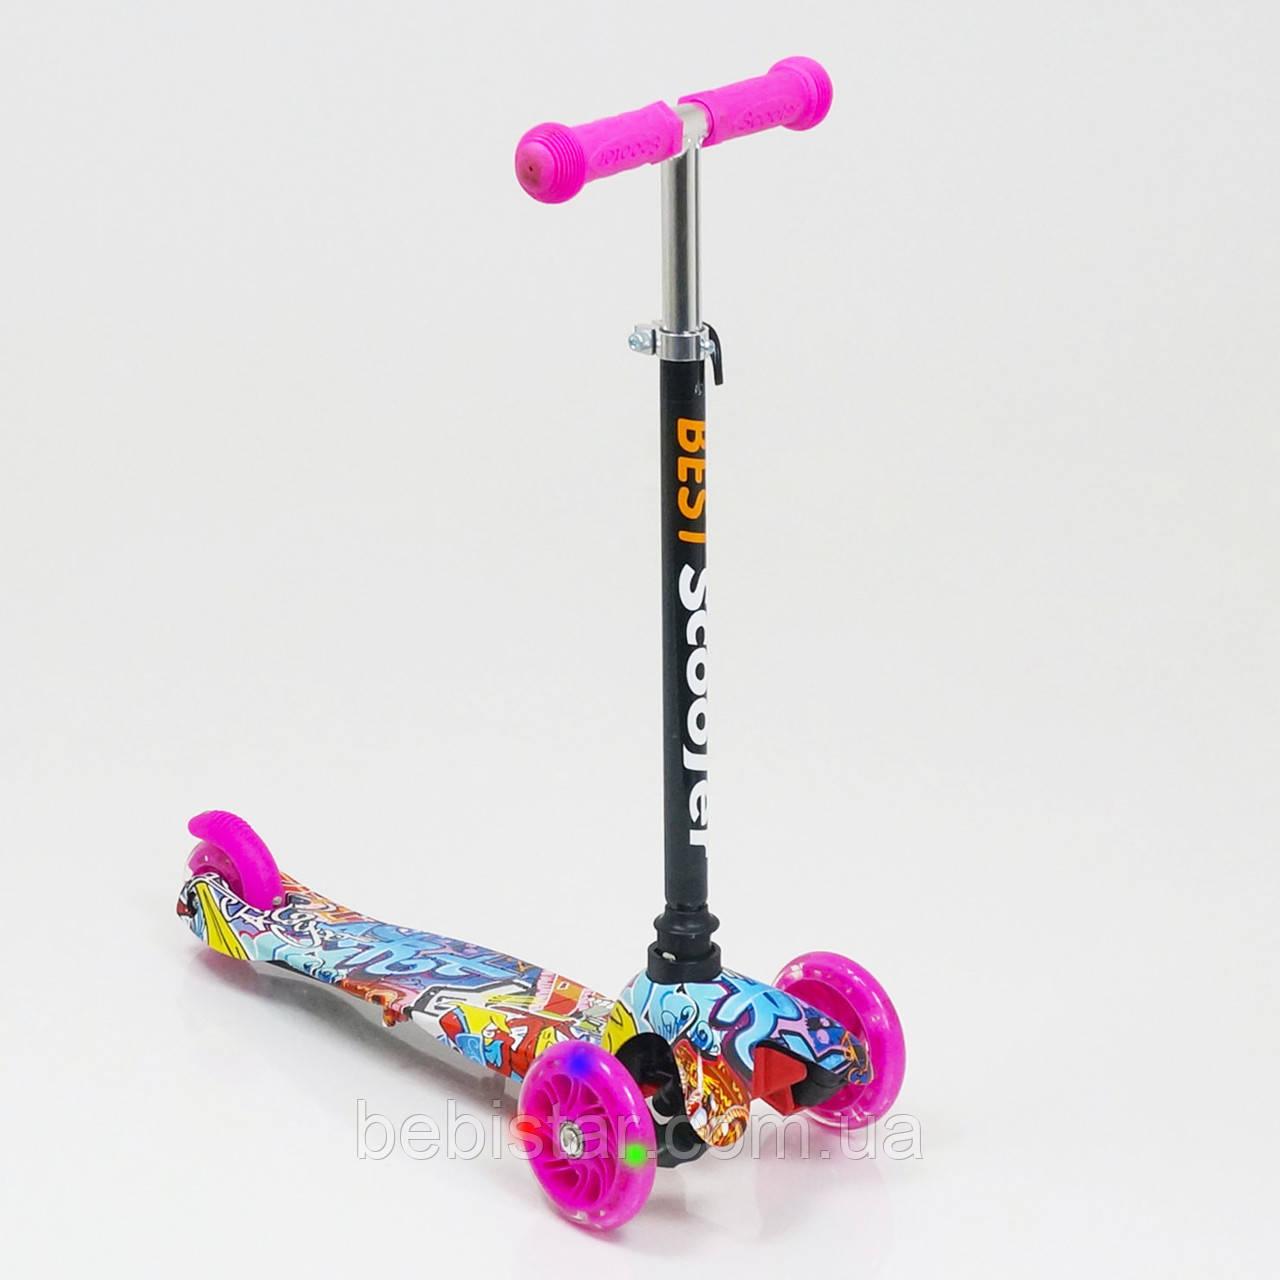 Самокат трехколесный детский светящиеся колеса малина от 2 до 5 лет